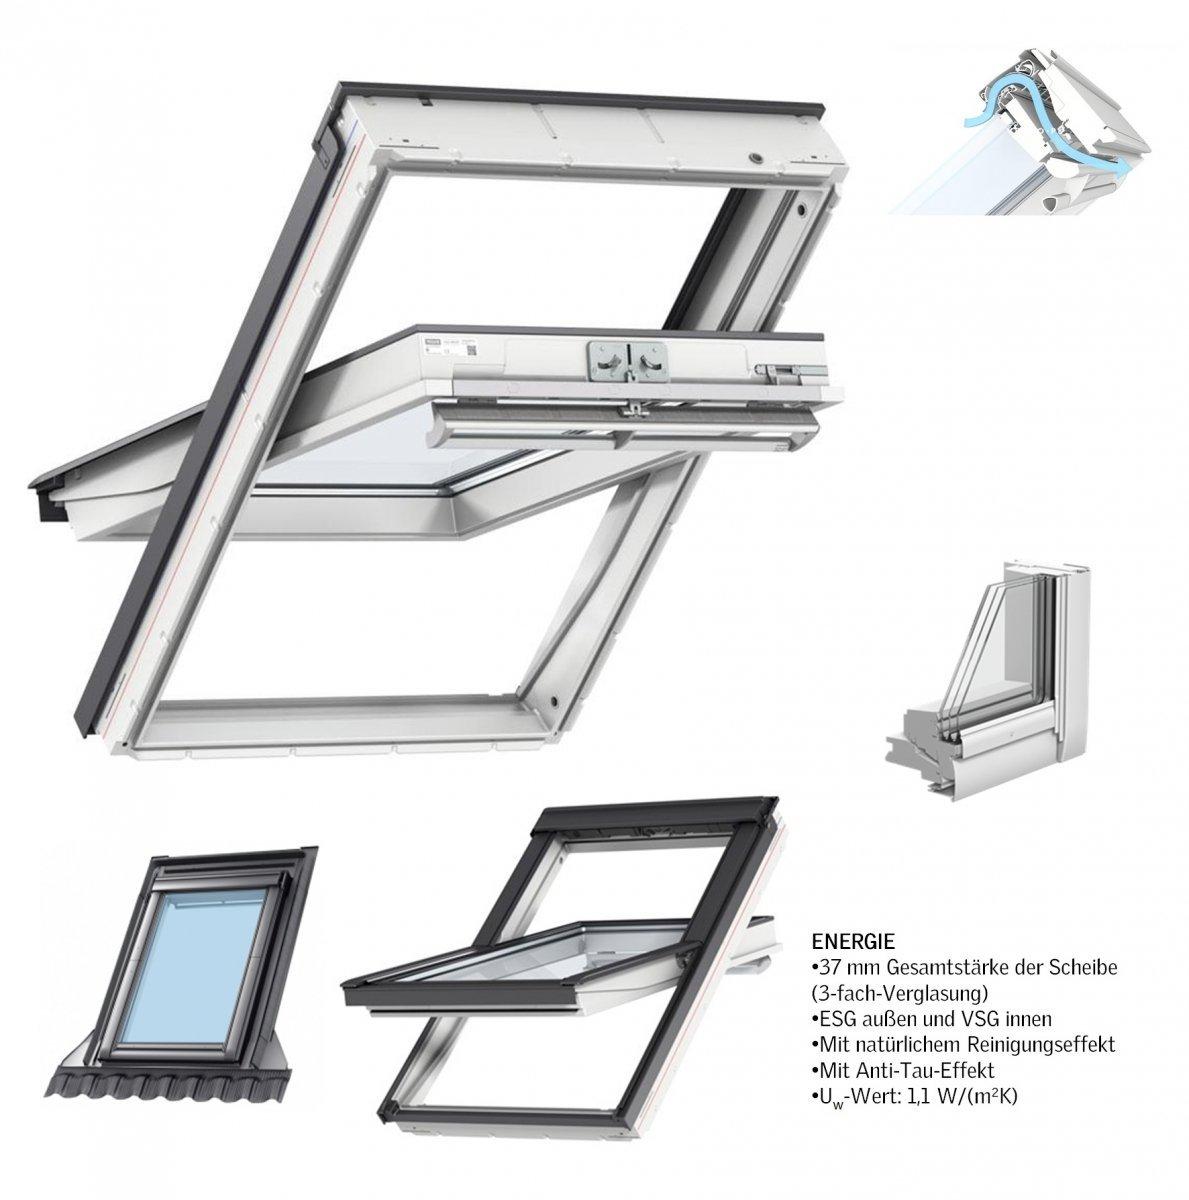 Velux Dachfenster Ggu 0068 Kunststoff Schwingfenster 3 Fach 3 Fach Verglasung Uw 1 1 Energie Aluminium Mit Obenbedienung Kunststofffenster Schwingfenster Dachfenster